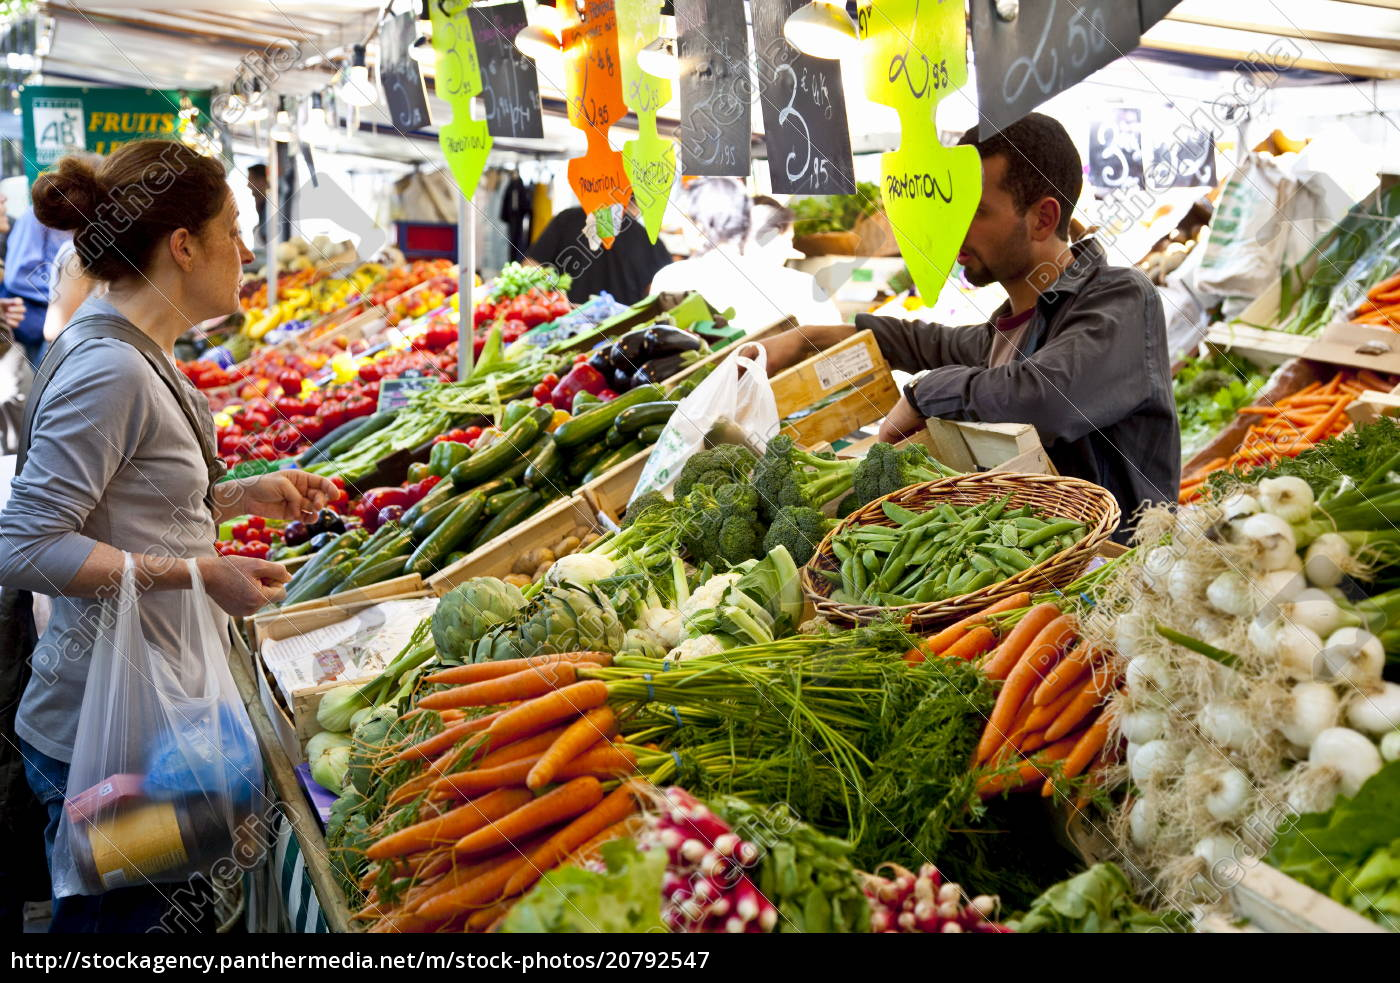 menschen, einkaufen, auf, dem, markt, place, monge, paris, frankreich, europa - 20792547